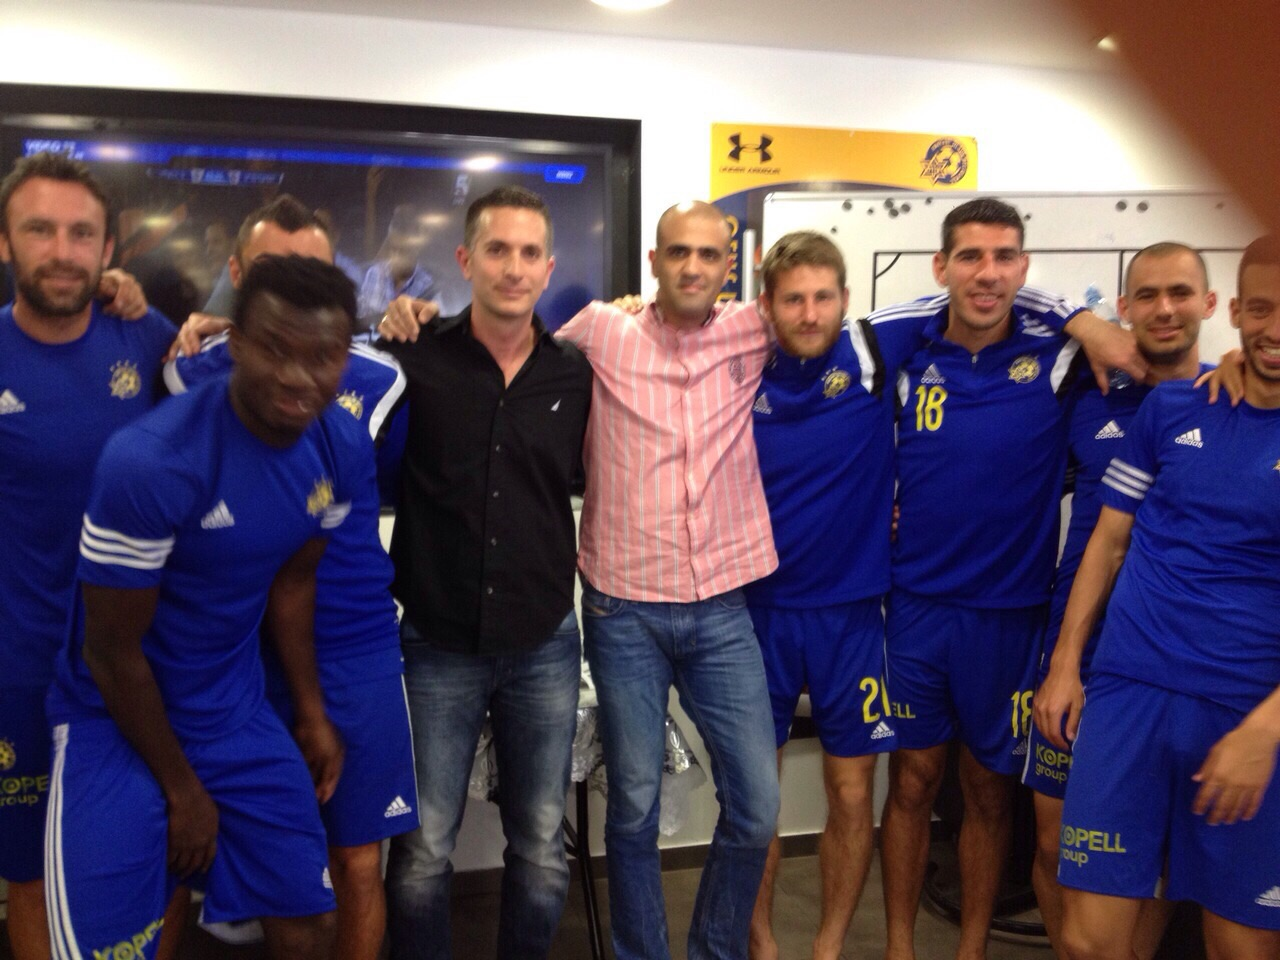 צילום: מנהלת הליגות לכדורגל